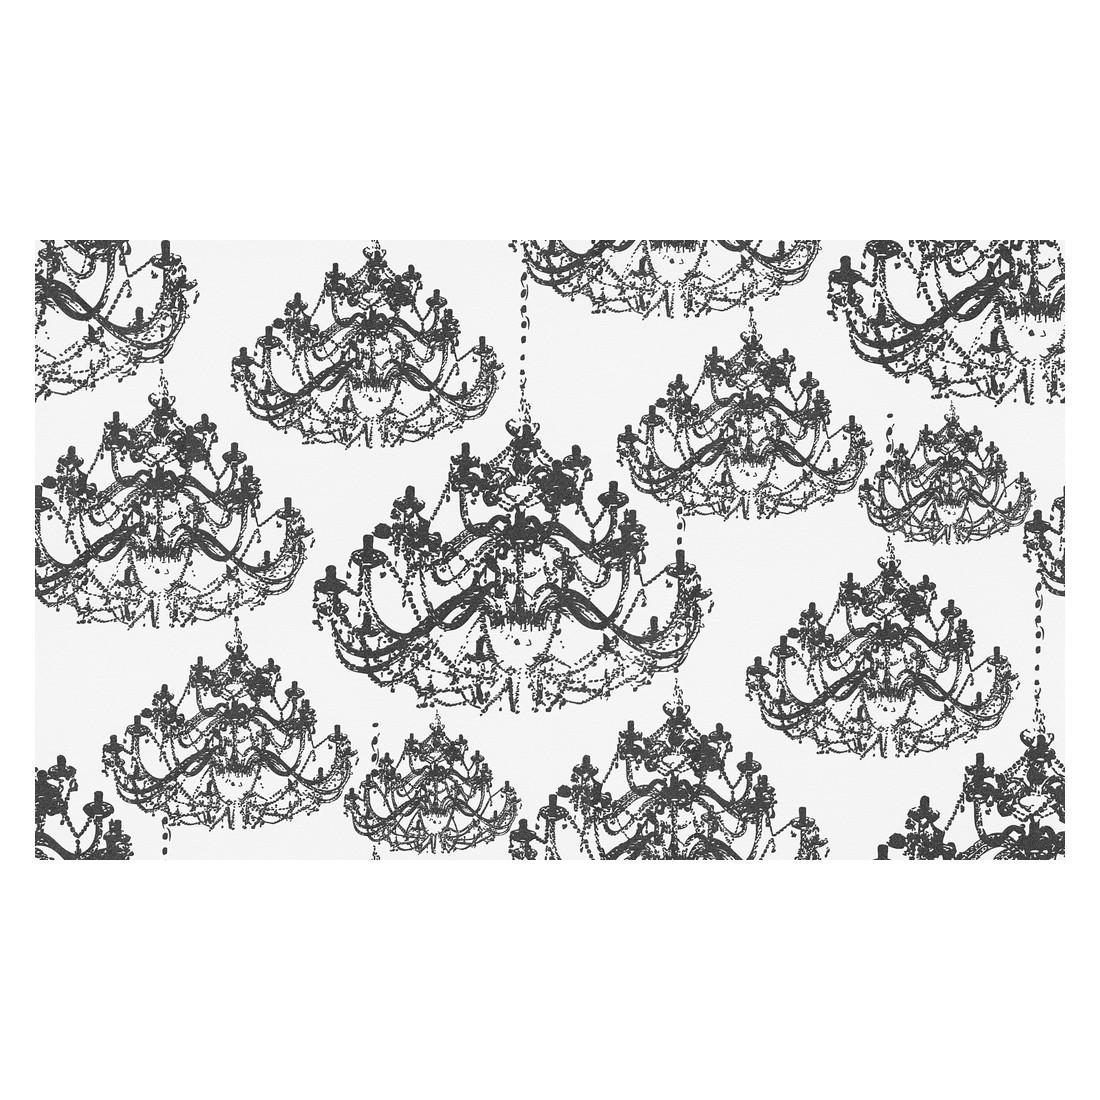 Vliestapete NAF-NAF – metallic, schwarz, weiß – strukturiert – glatt, Home24Deko günstig kaufen